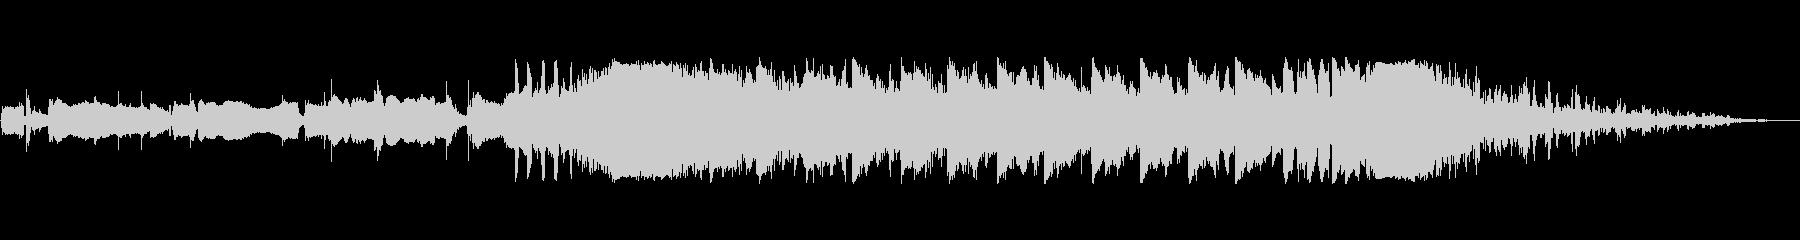 ウェイクアップブラームスIDベッド1の未再生の波形